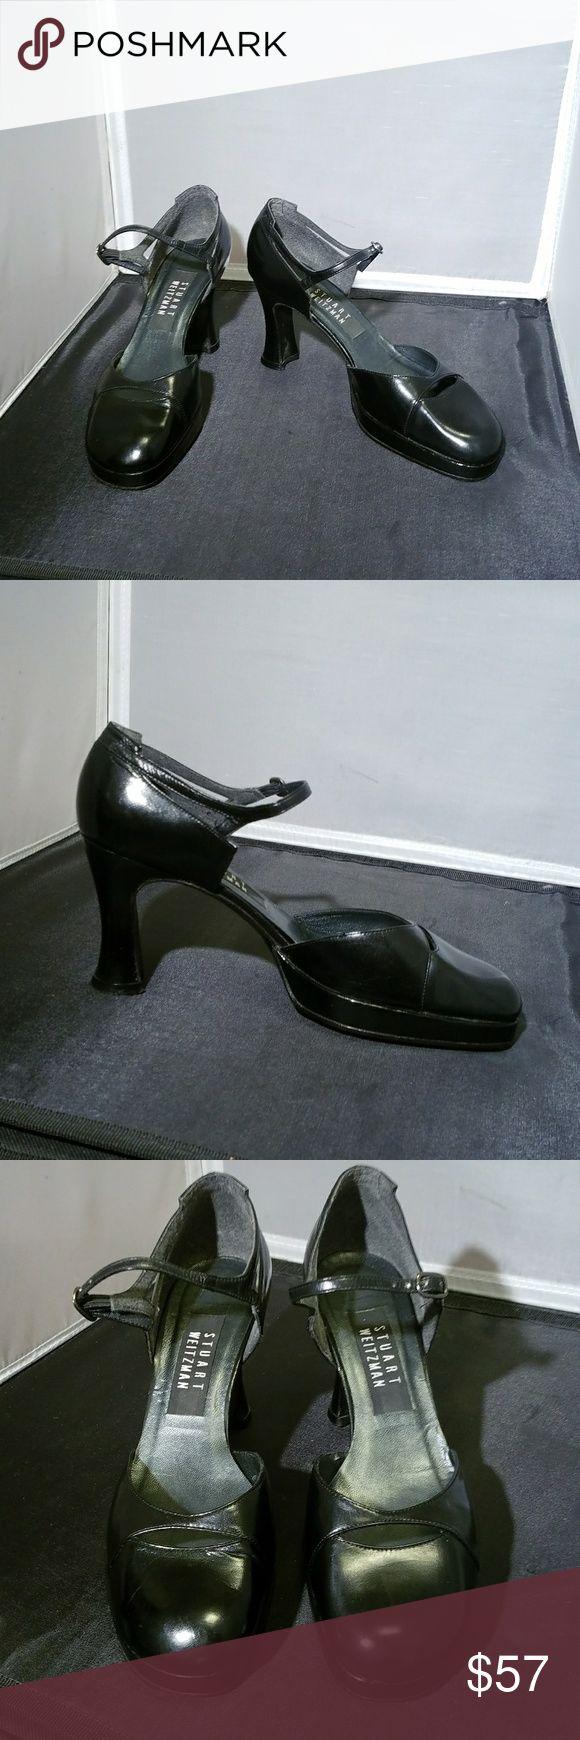 STUART WEITZMAN Black Mary Jane's Soooo entzückend !! Ich wünschte, diese passen mir !! R …   – My Posh Picks